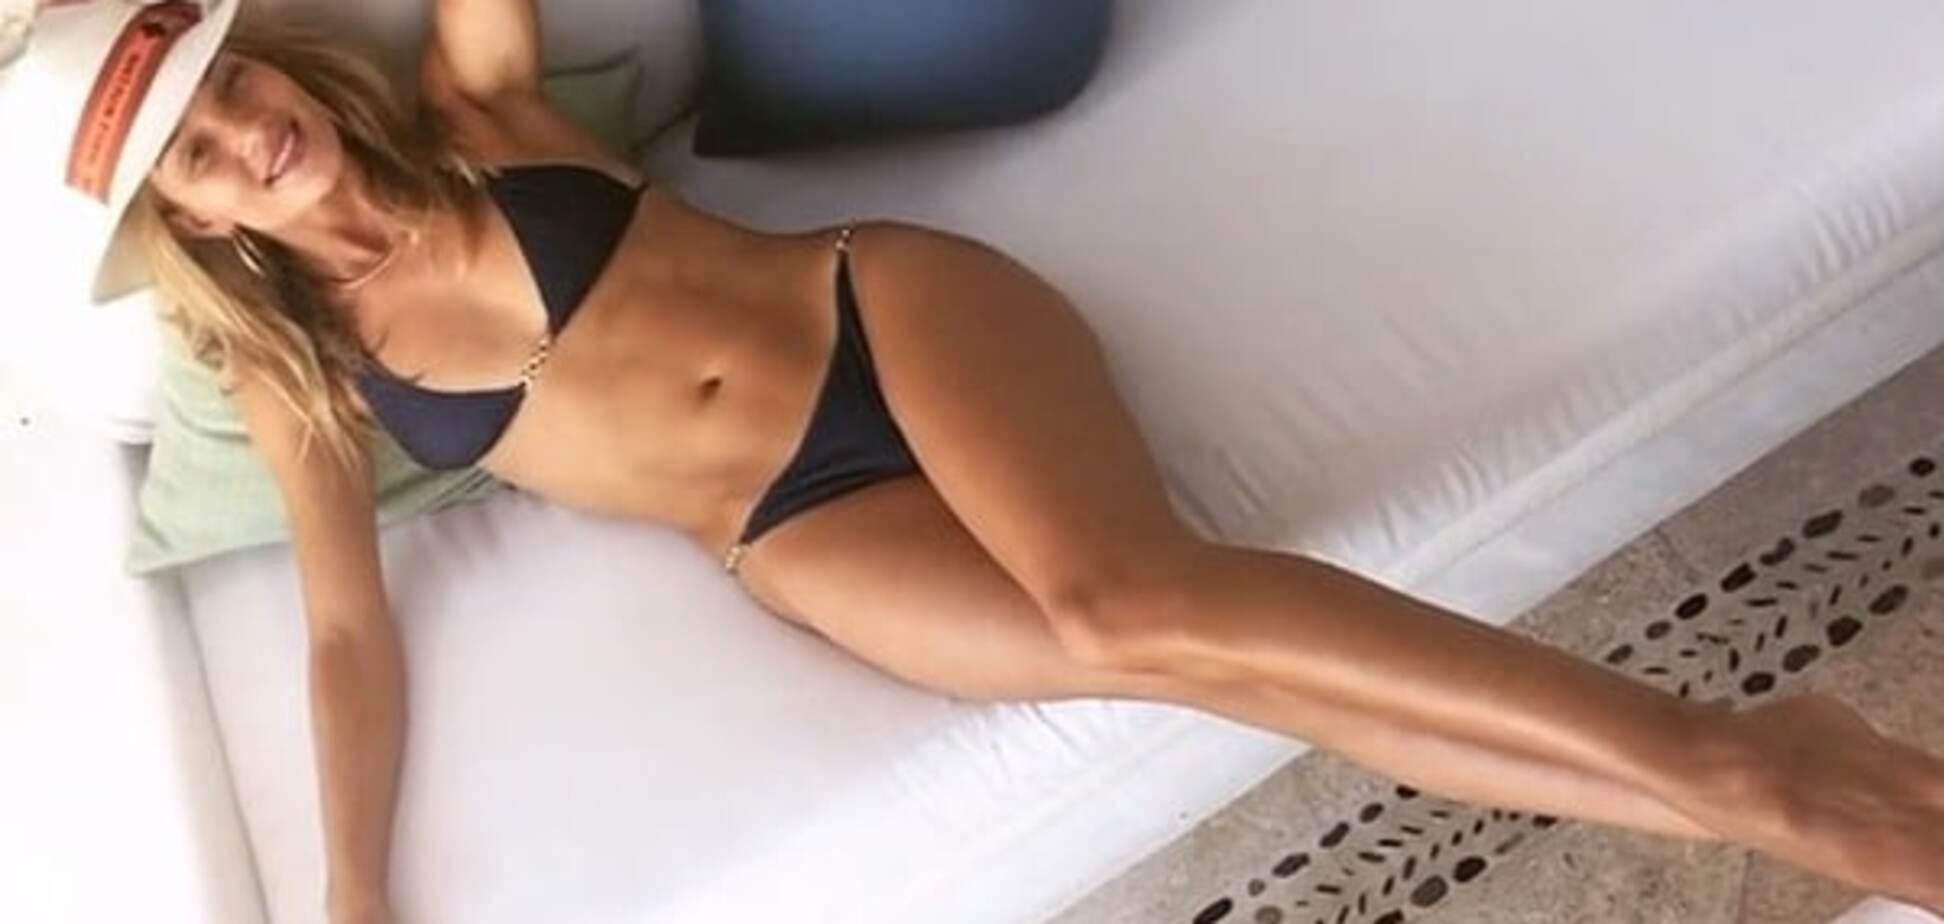 Роузи Хантингтон-Уайтли взбудоражила сеть снимками в бикини